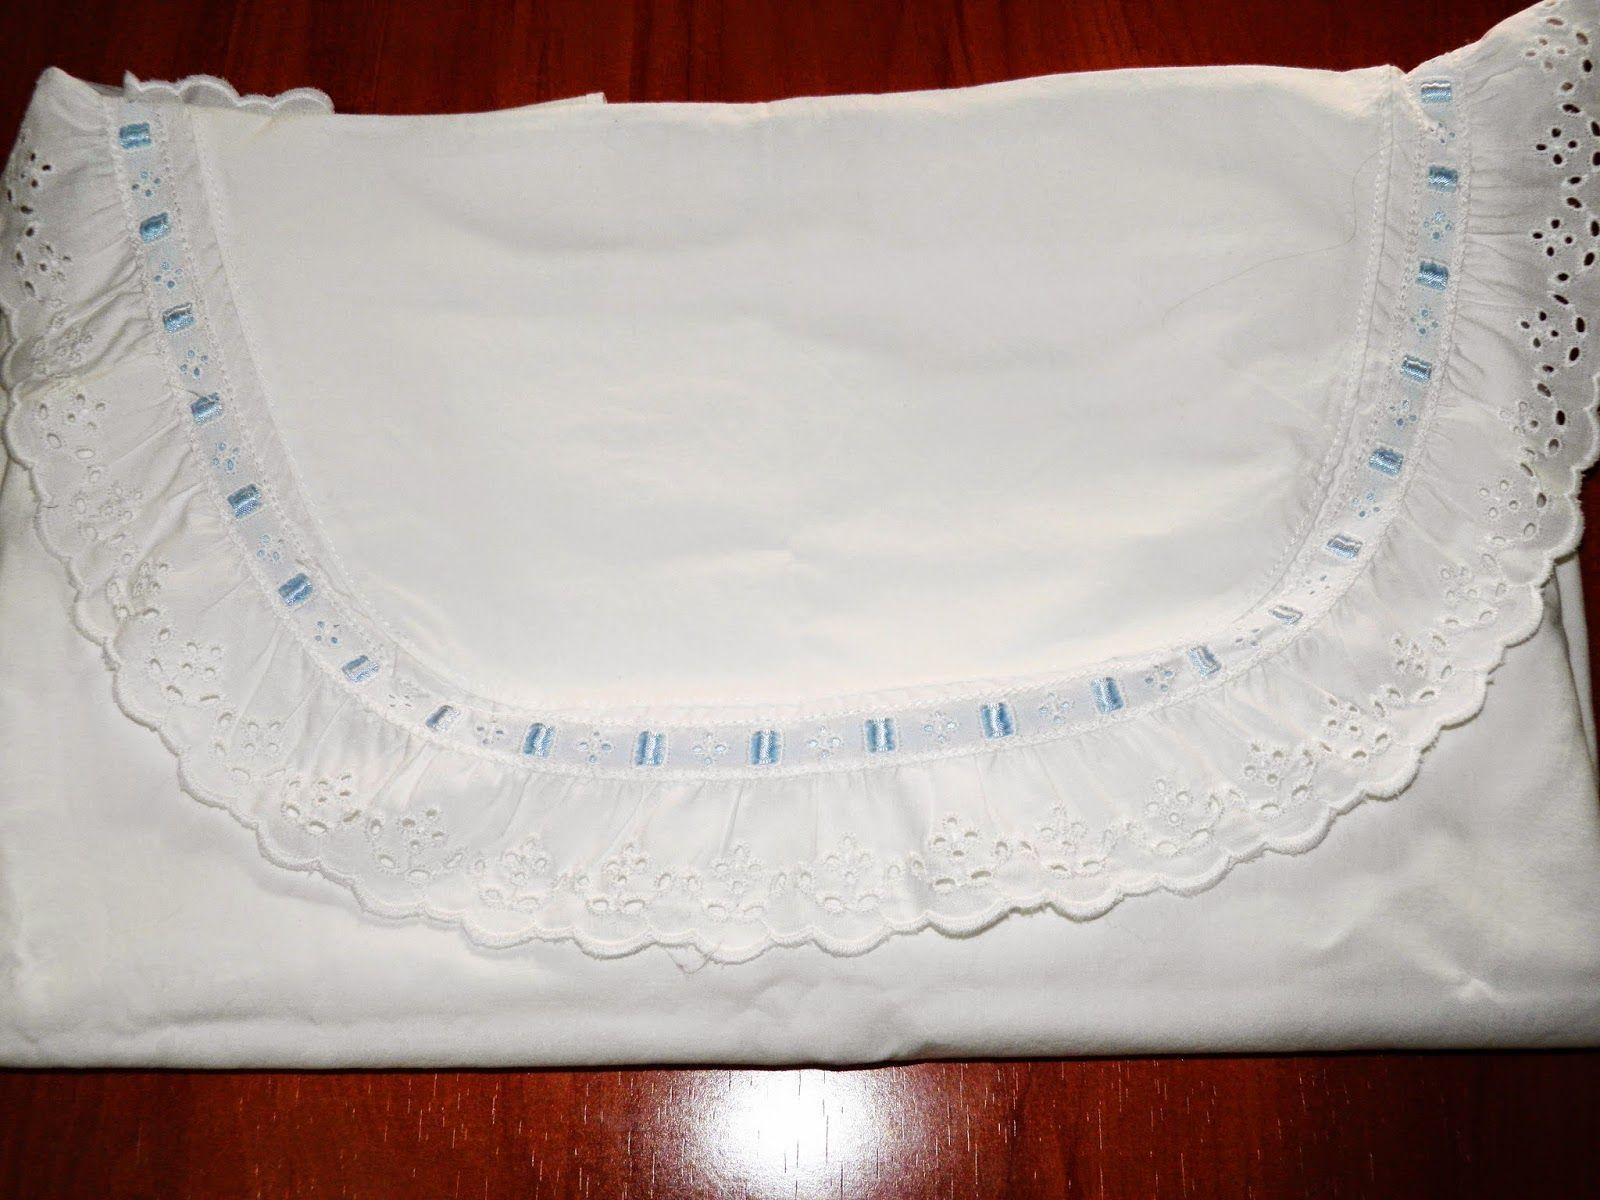 Mucha gente me pide como hacer unas sábanas para cunita, que medidas ...